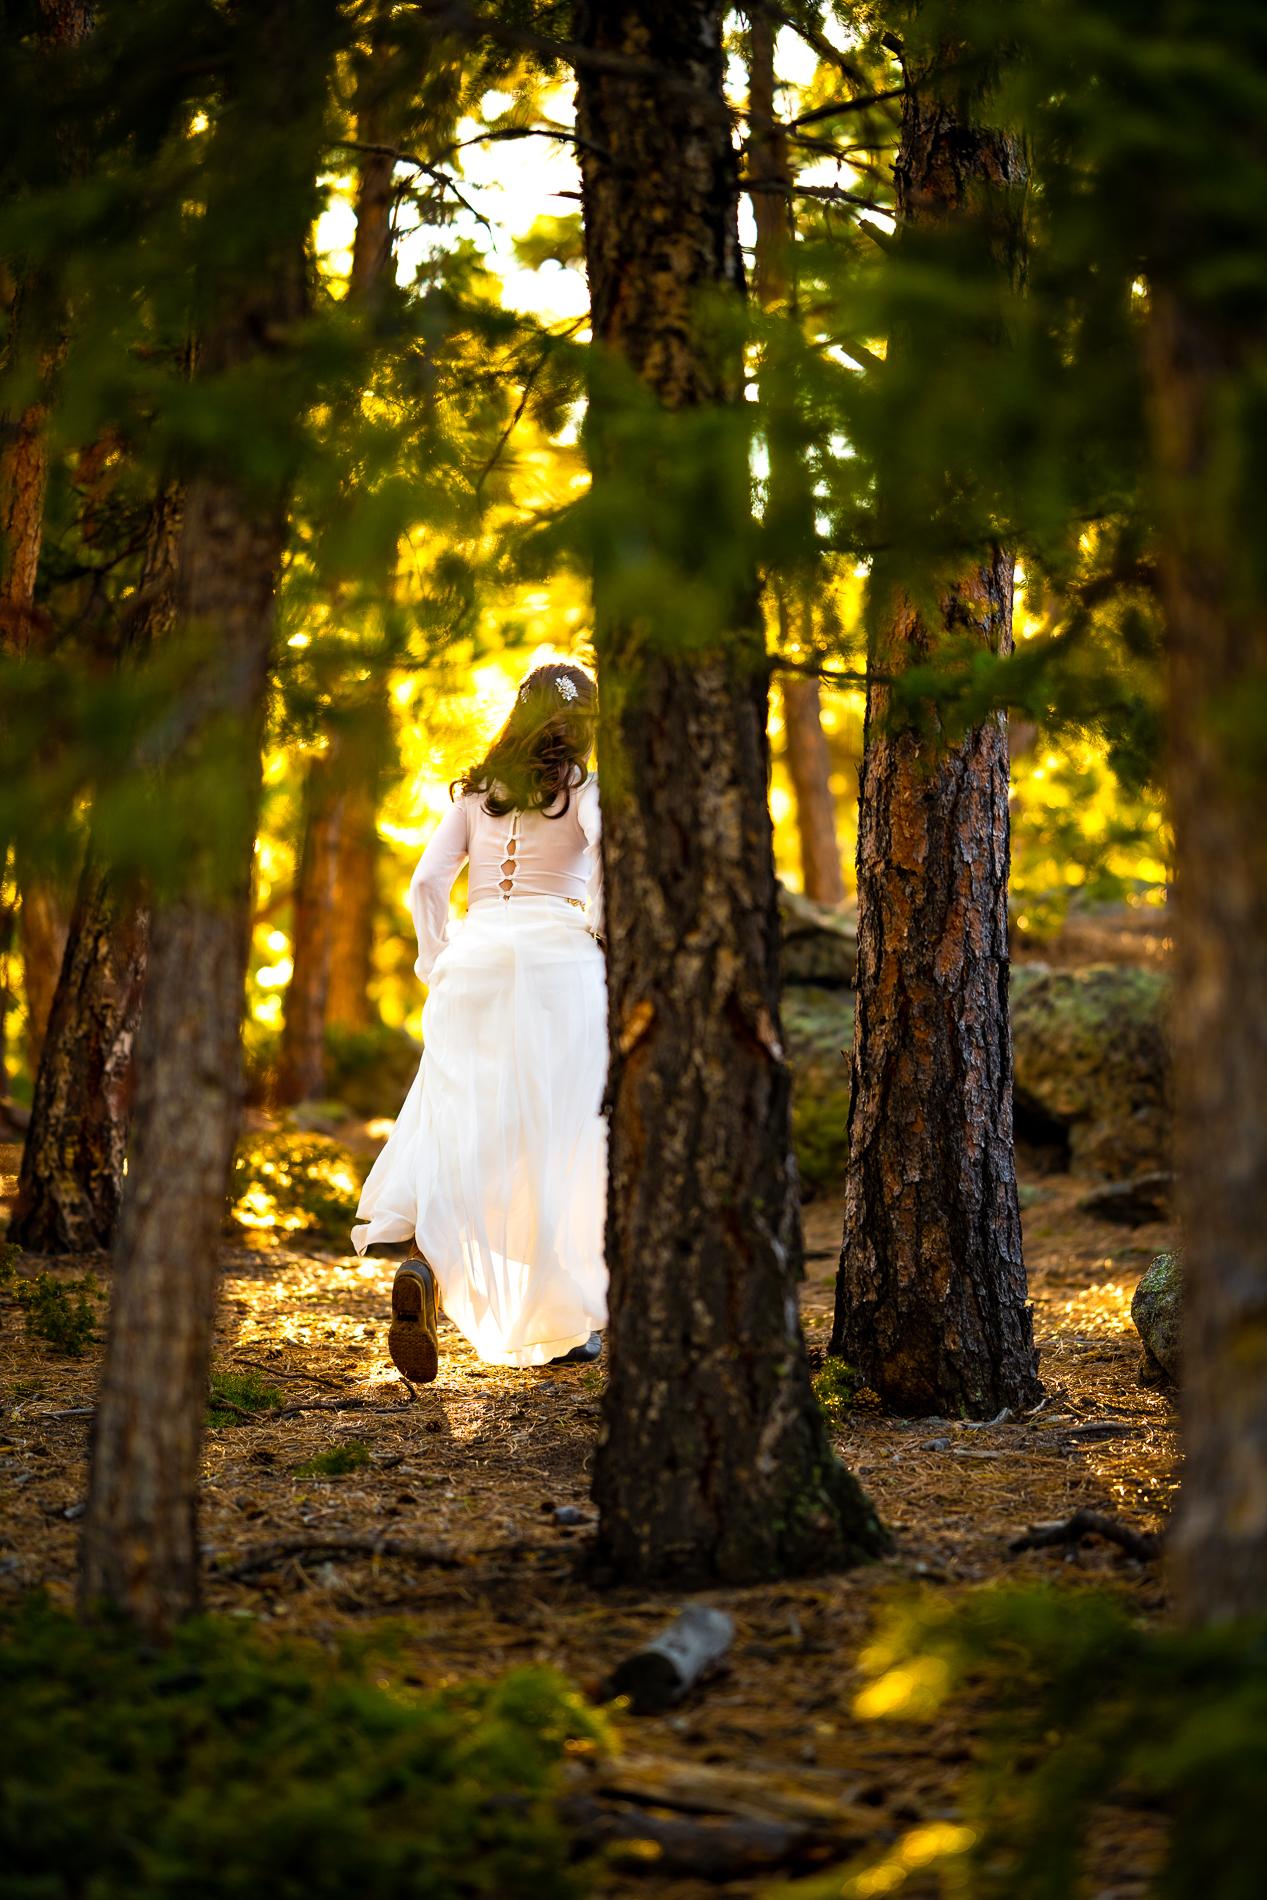 Colorado Elopement Photo | La mariée ouvre la voie en s'aventurant dans les bois, à la recherche du meilleur endroit pour échanger leurs vœux